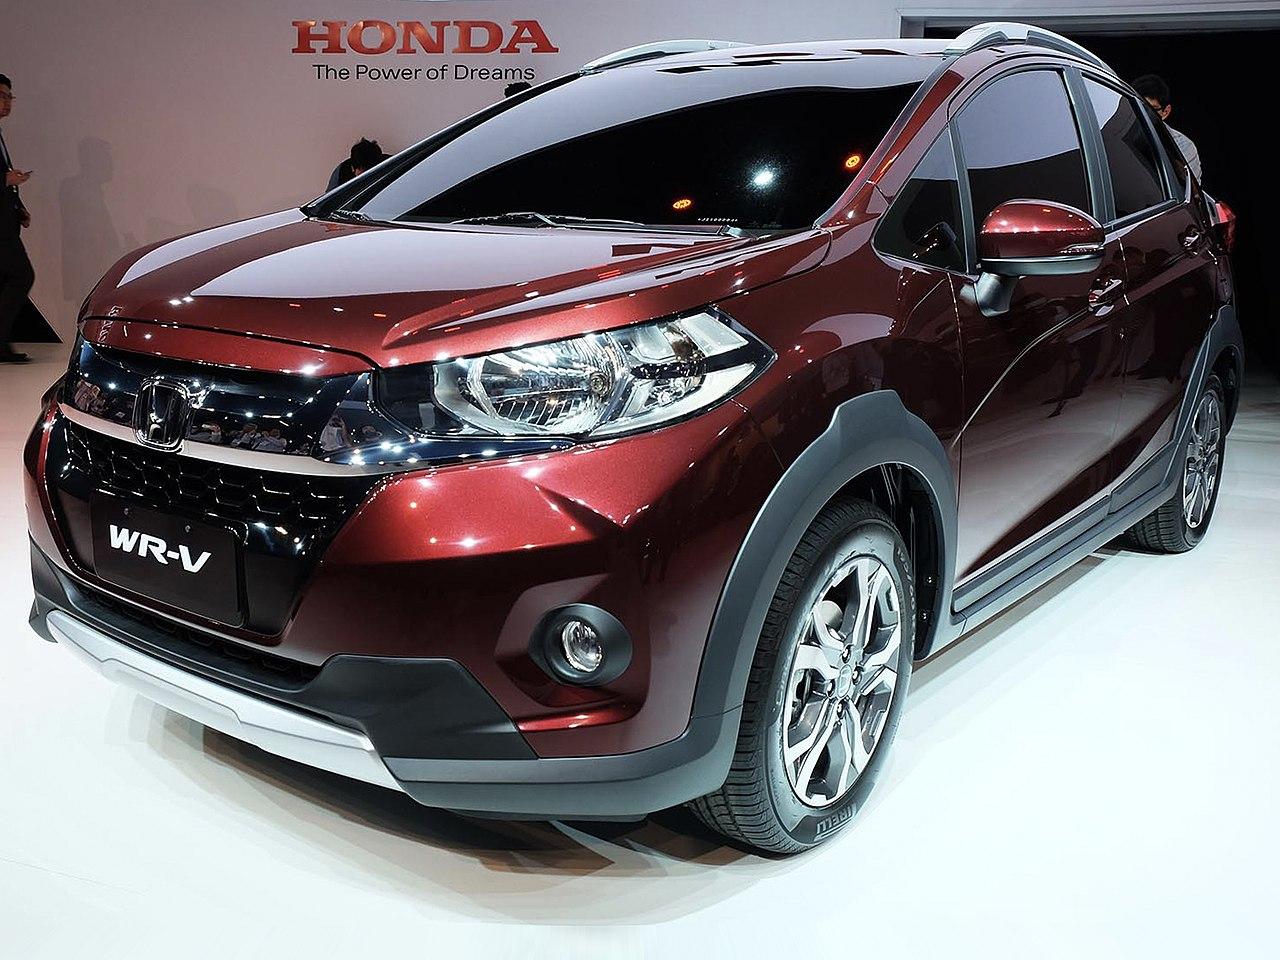 ファイル:2017 Honda WR-V front.jpg - Wikipedia